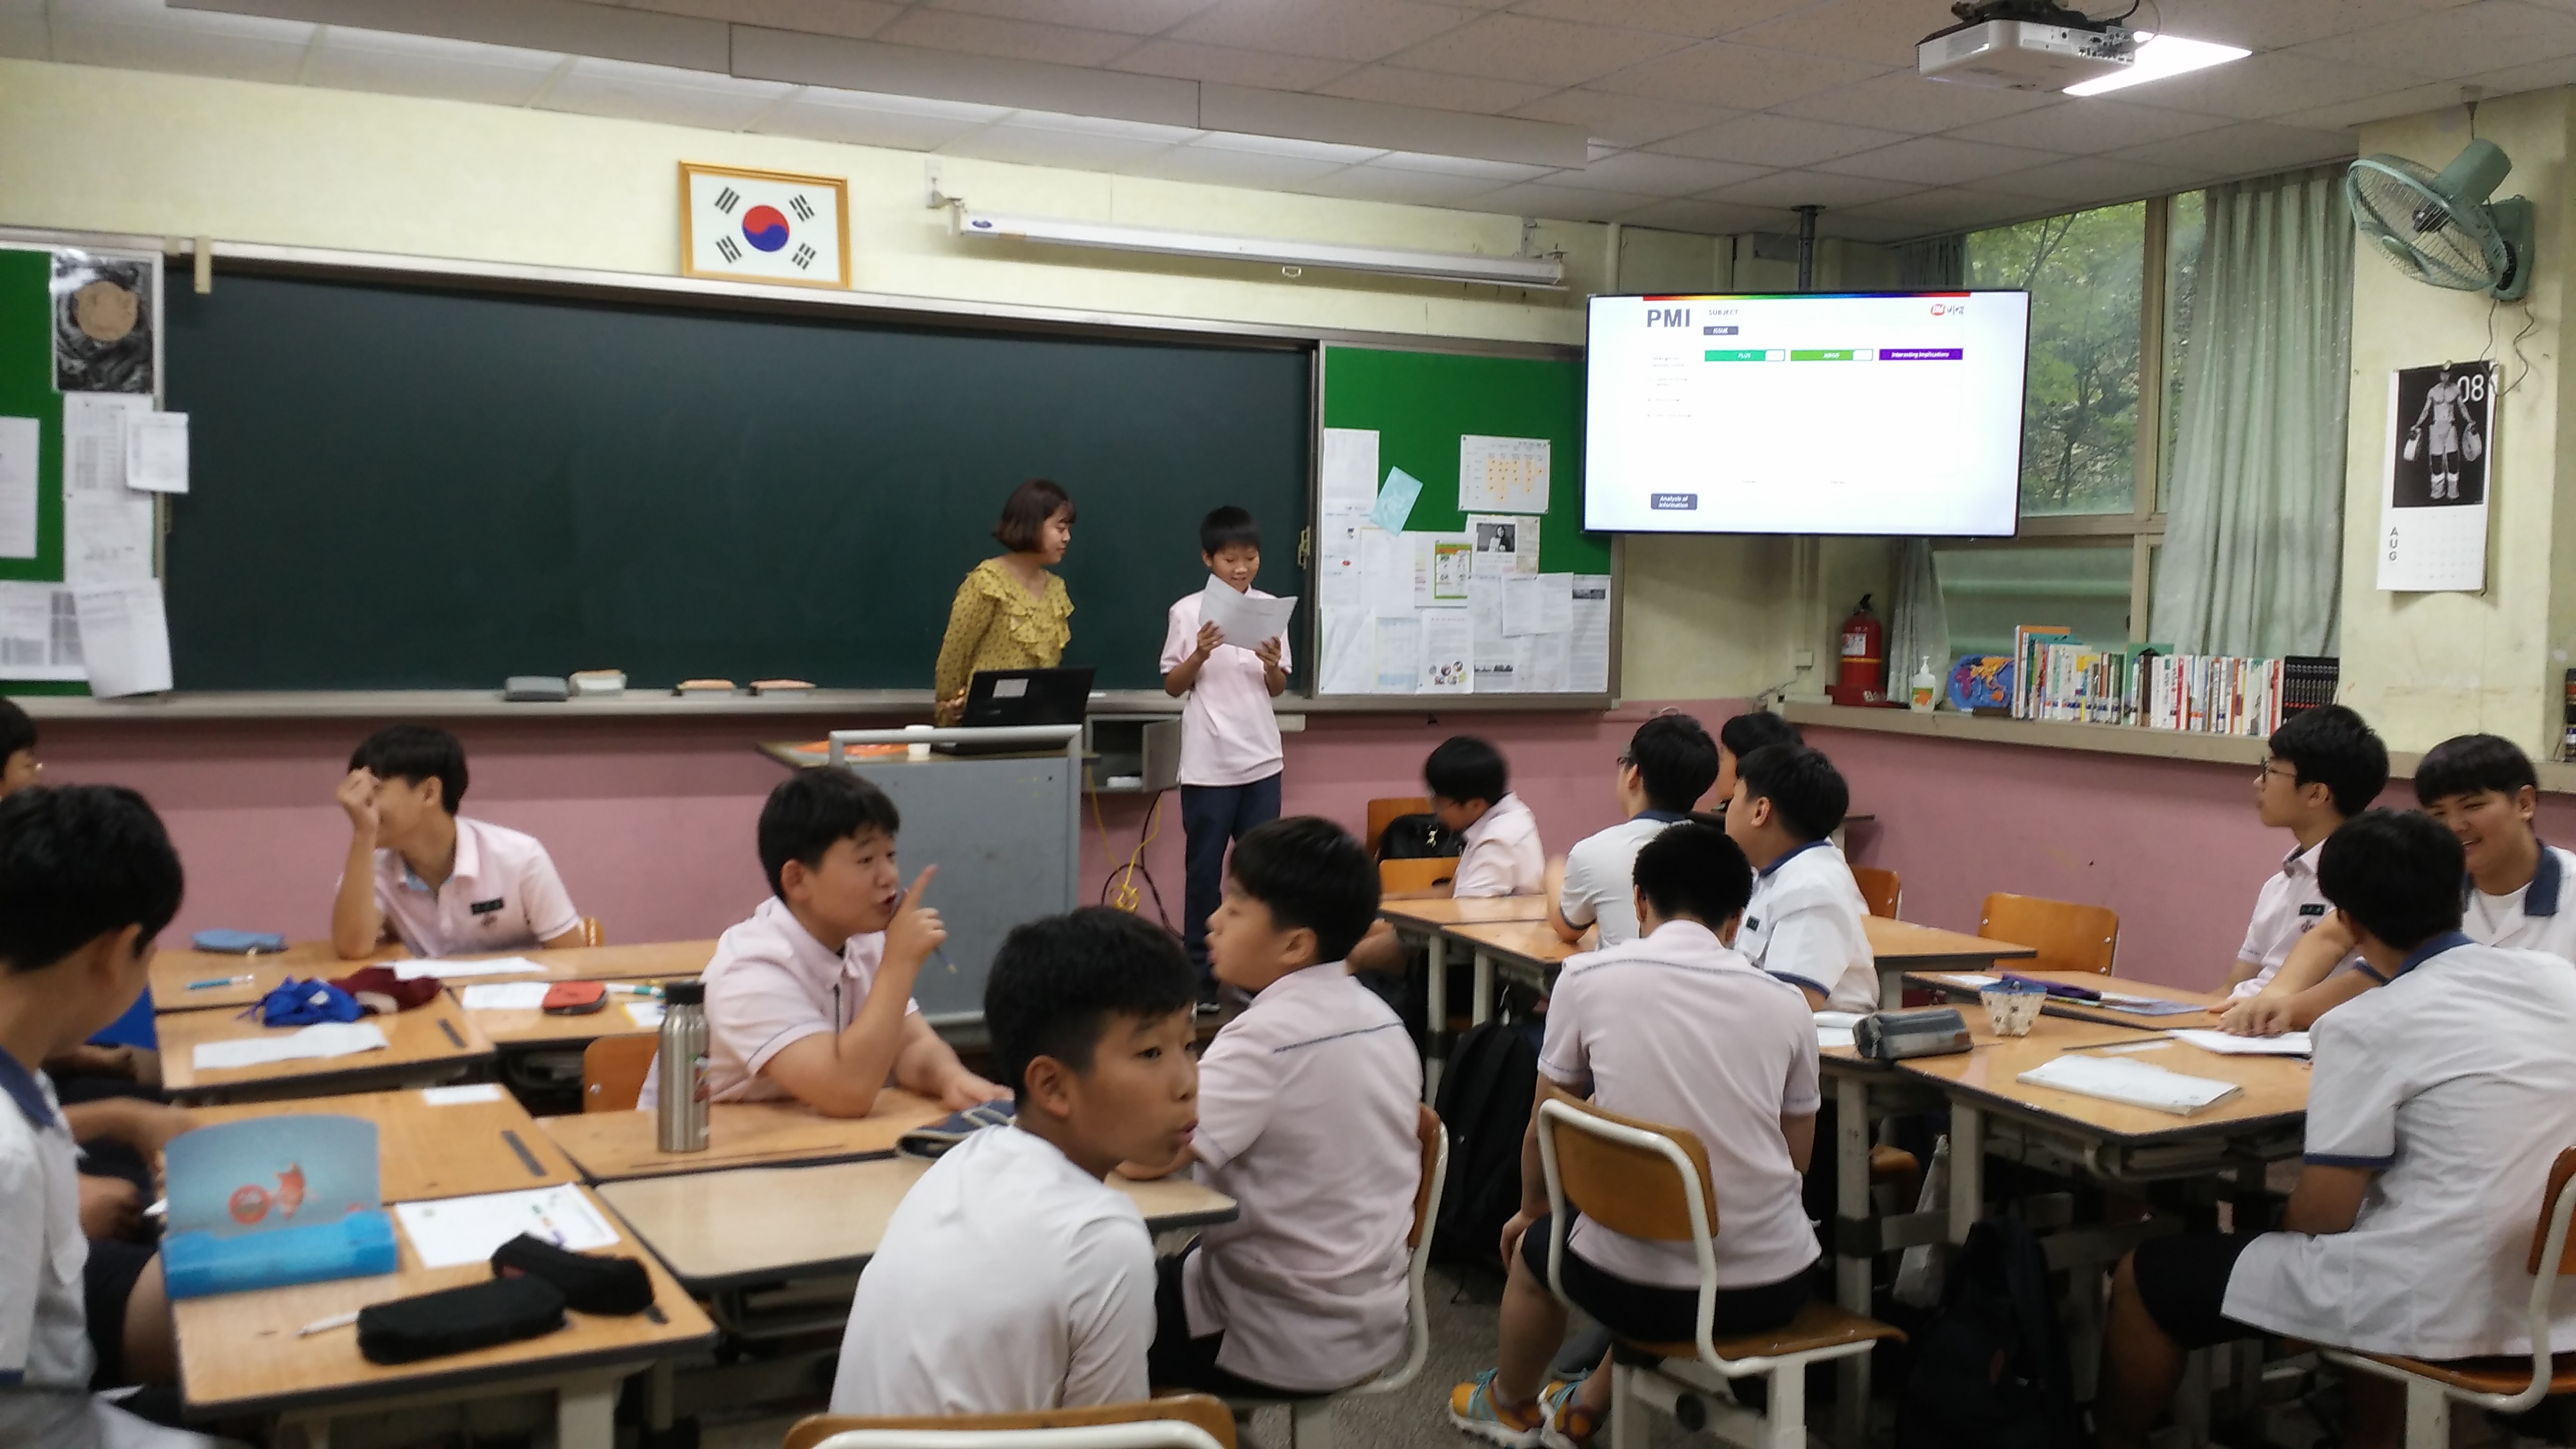 2017 08 28 경희중학교 사진01